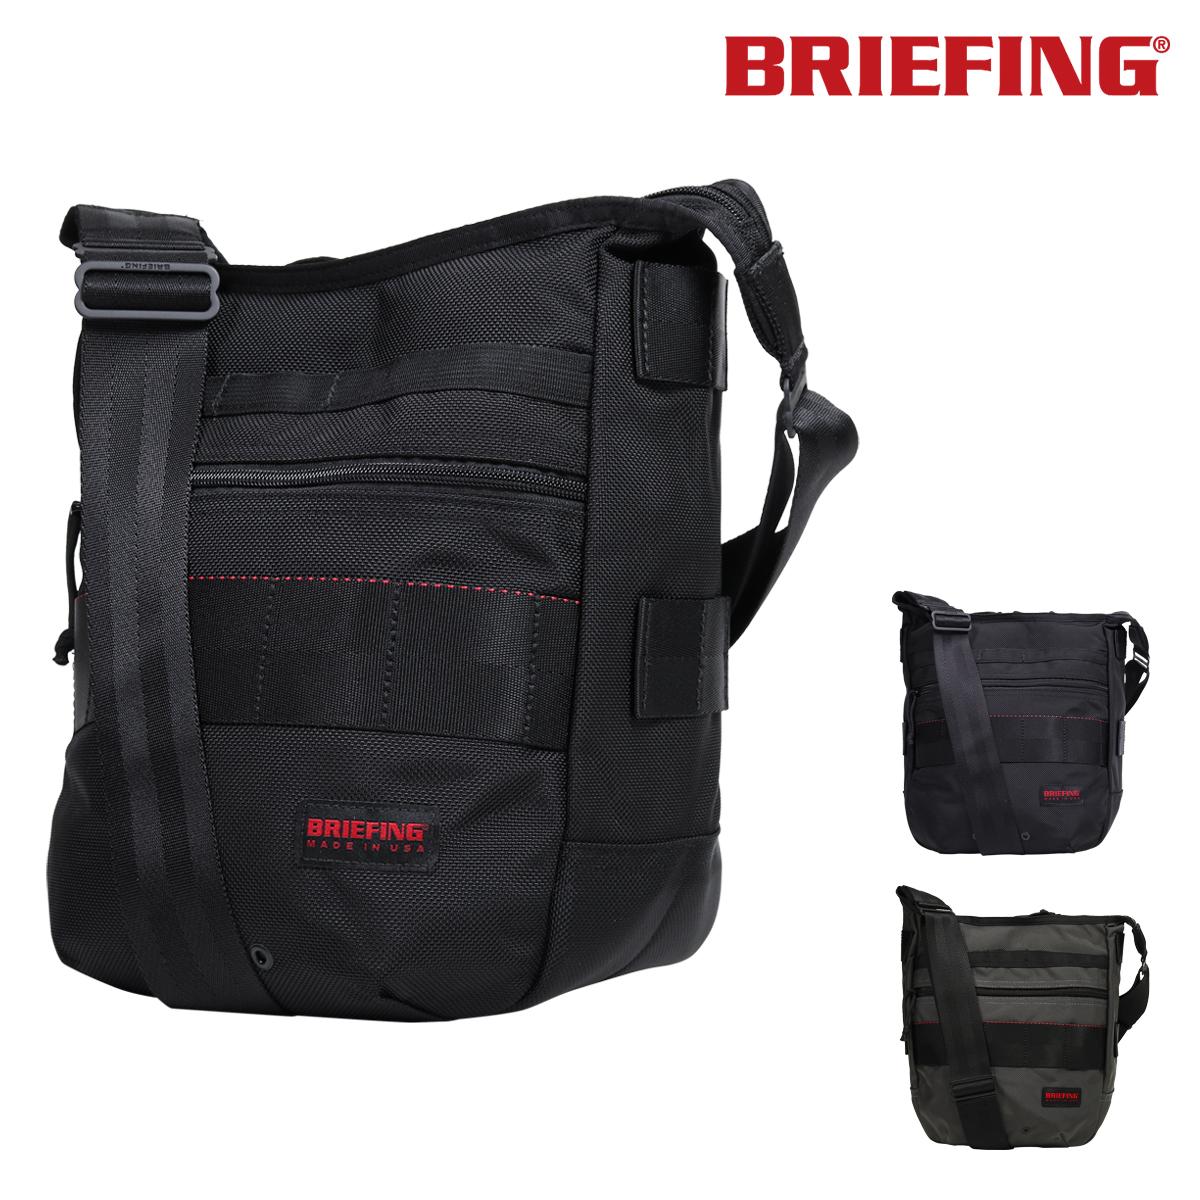 ブリーフィング ショルダーバッグ メンズ BRF032219 BRIEFING | 斜めがけ 軽量 撥水 [即日発送][PO10]